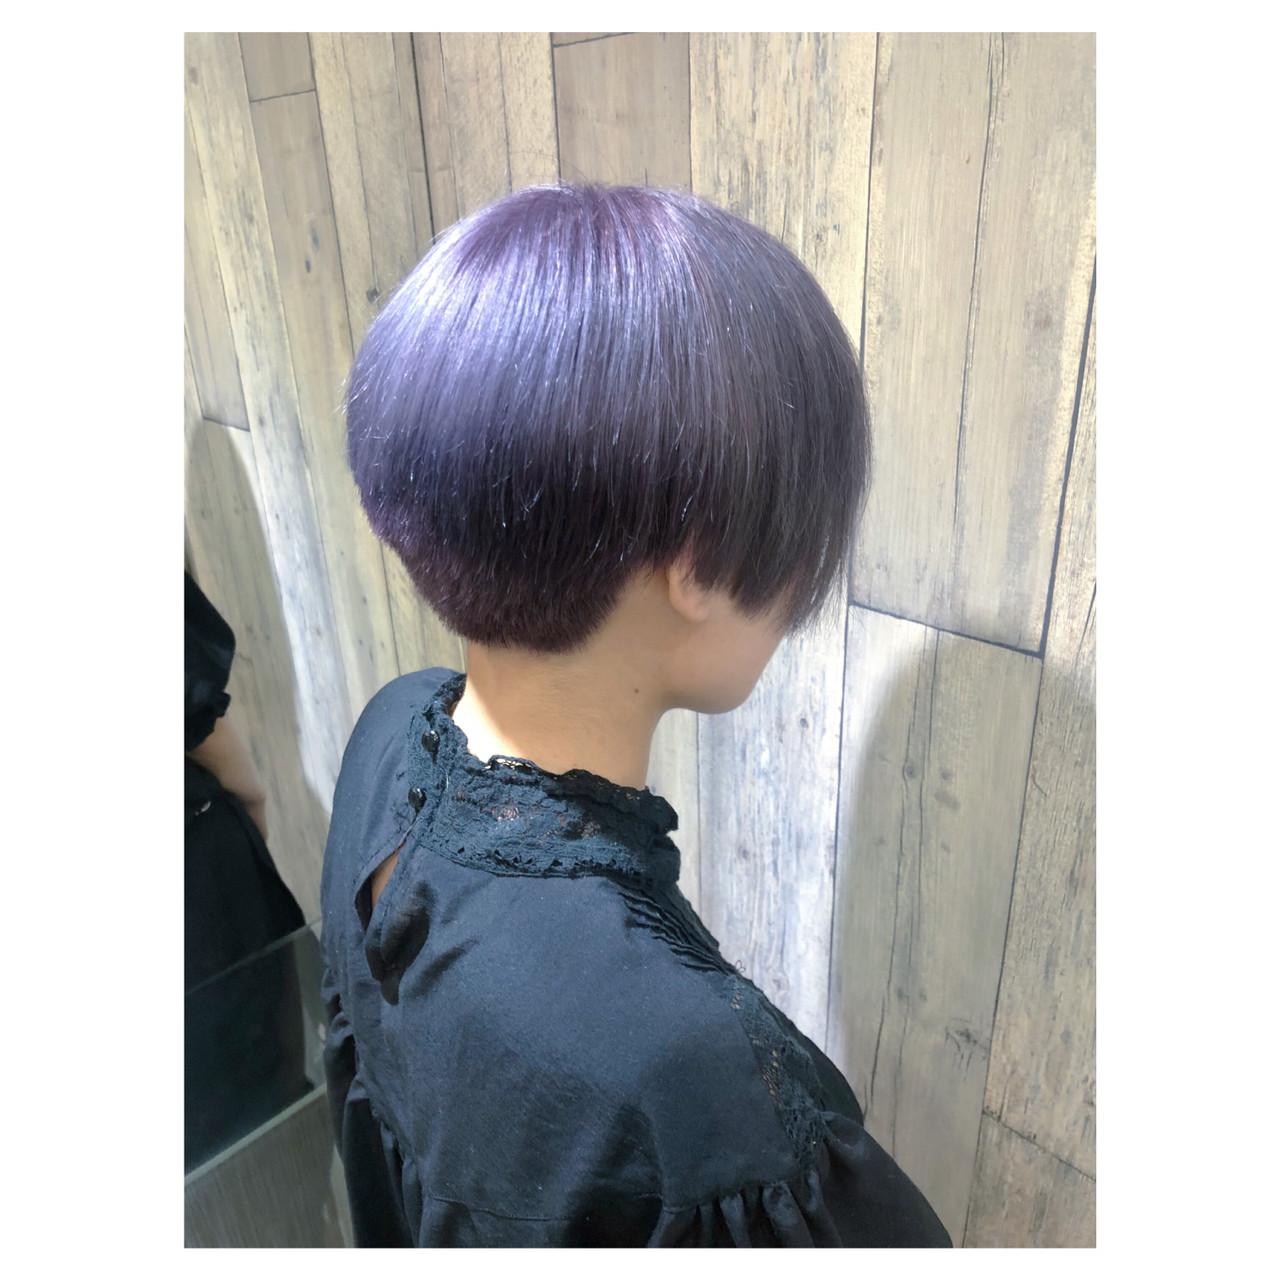 アンニュイほつれヘア グレージュ ラベンダーアッシュ ショート ヘアスタイルや髪型の写真・画像 | クラ / TOMCAT